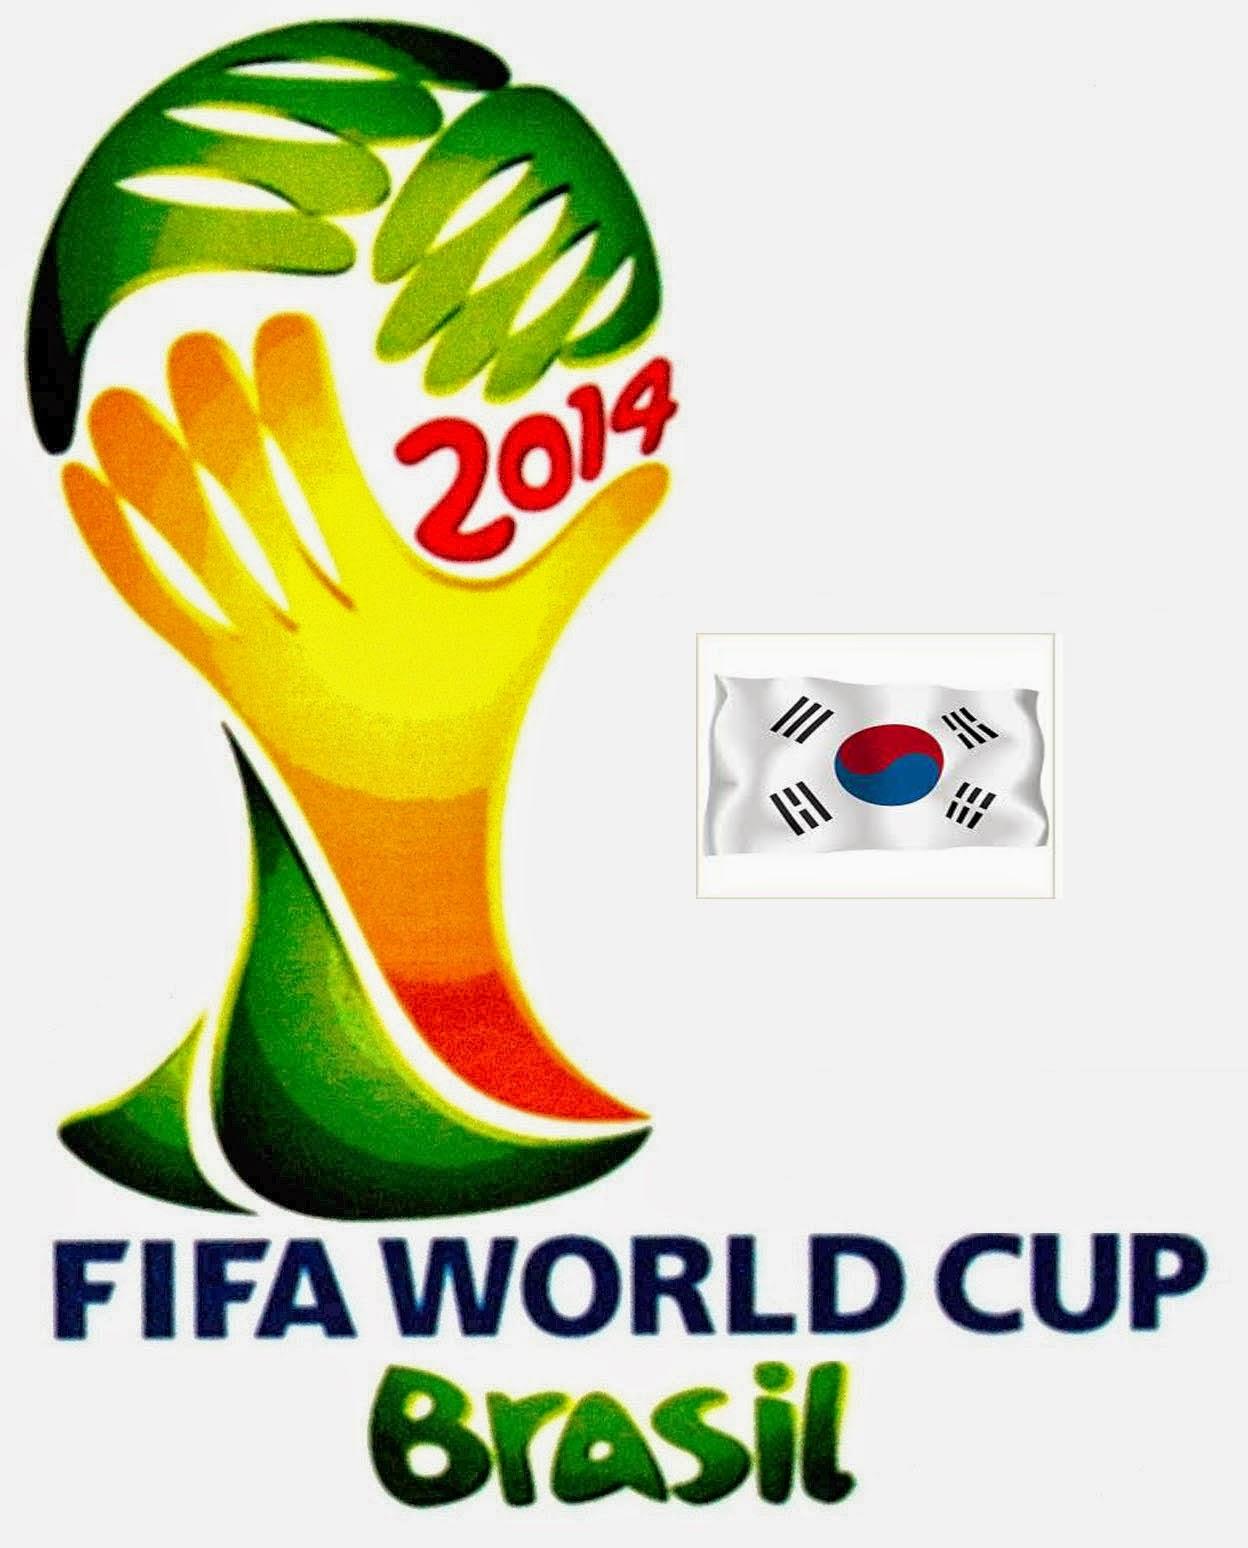 Daftar Pemain Timnas Korea Selatan Piala Dunia 2014 ~ ag-ZONA